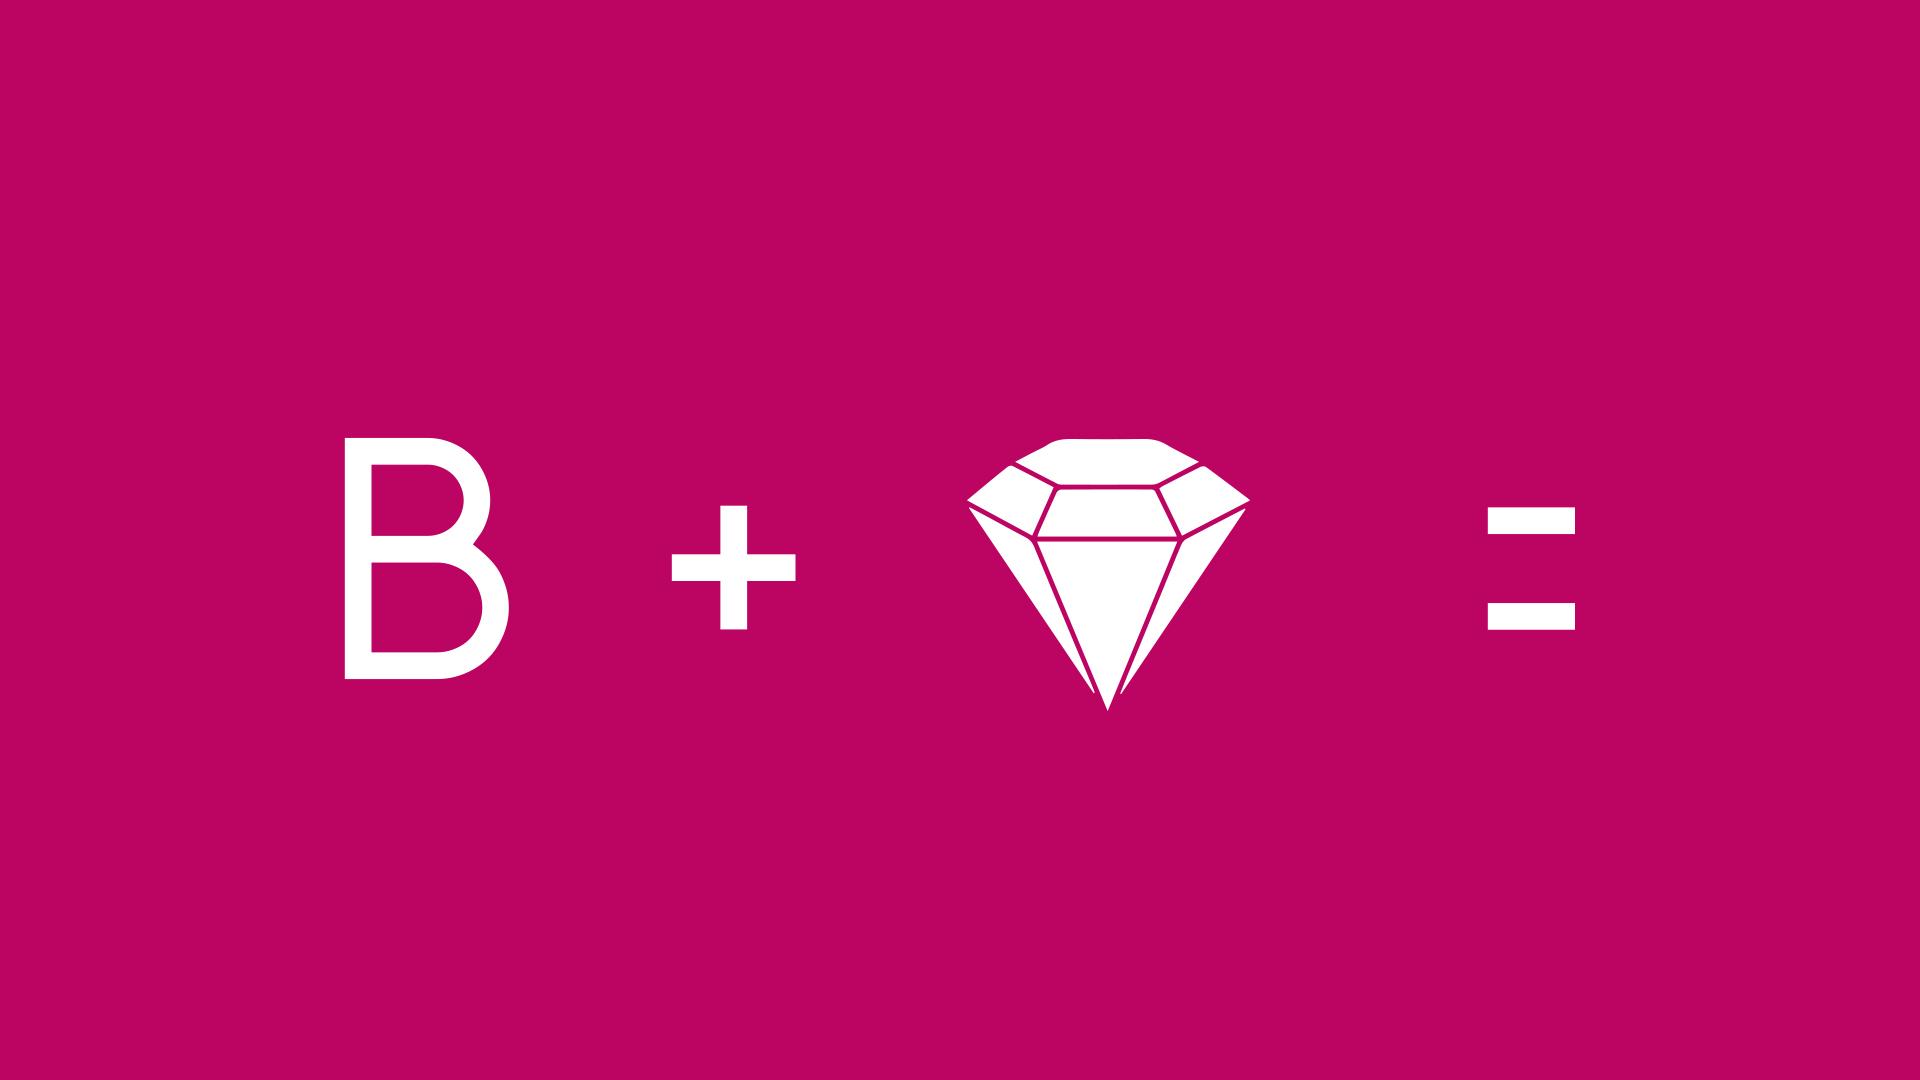 Bling and Bond Presentation v2.jpg